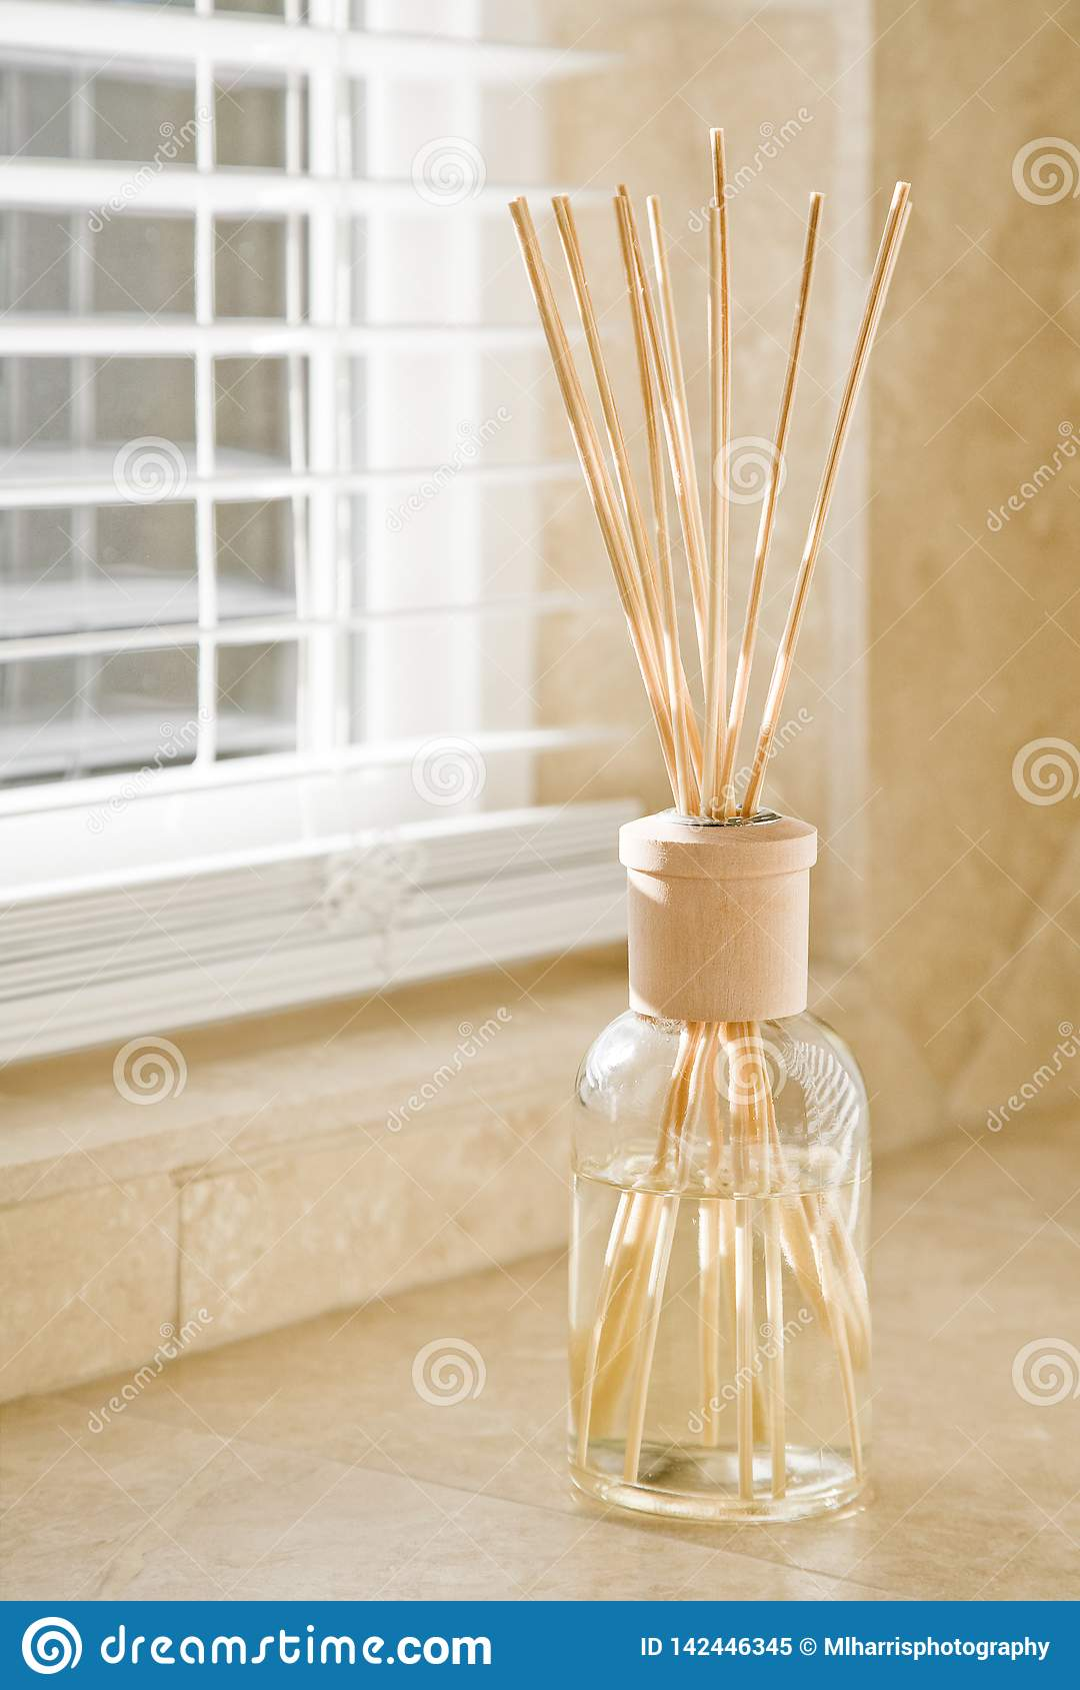 发光通过在芬芳分散器上的窗帘的阳光在石瓦片卫生间柜台 干净,明亮,新房子家